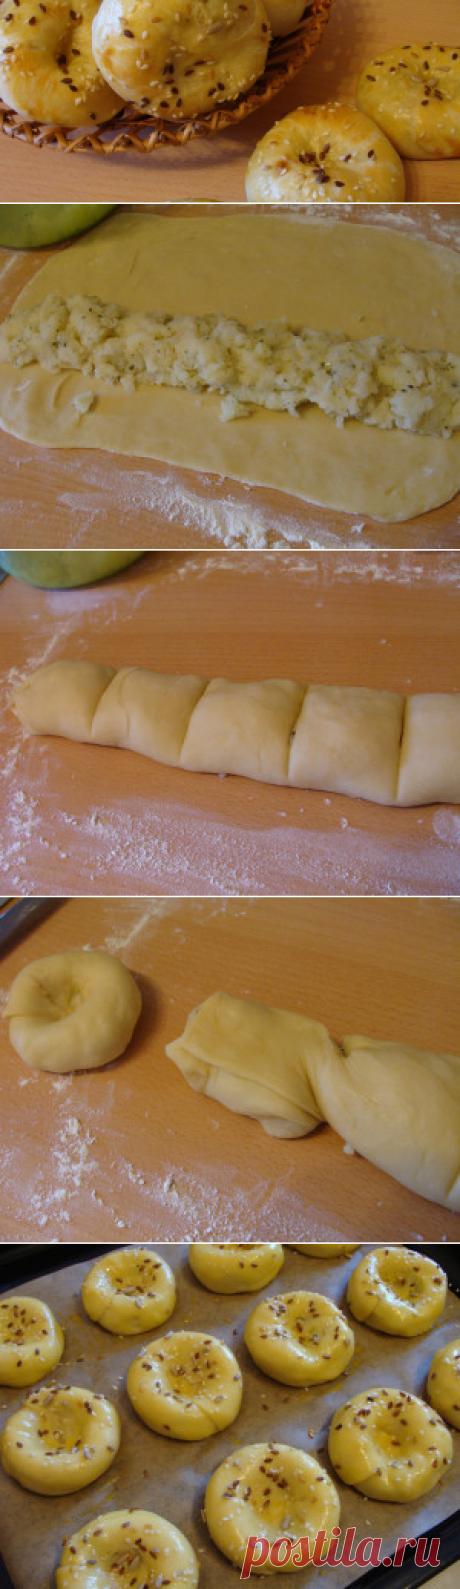 Белорусская булочка Кныш | Вкусный день